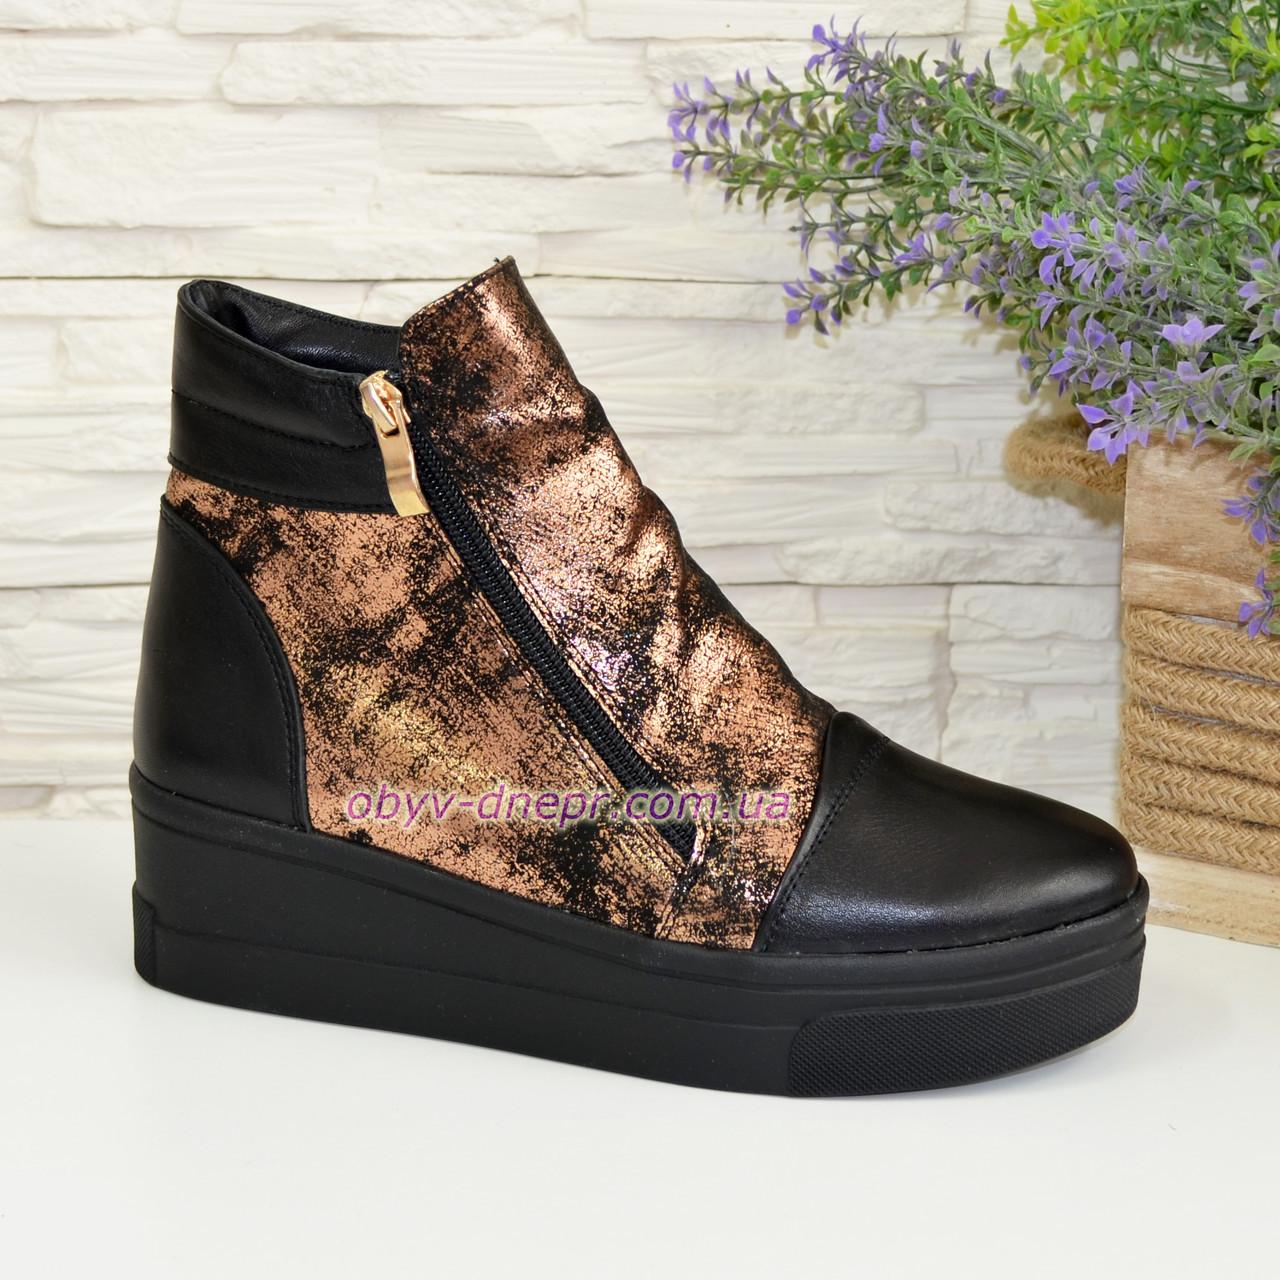 Женские зимние ботинки на платформе, натуральная кожа и замша